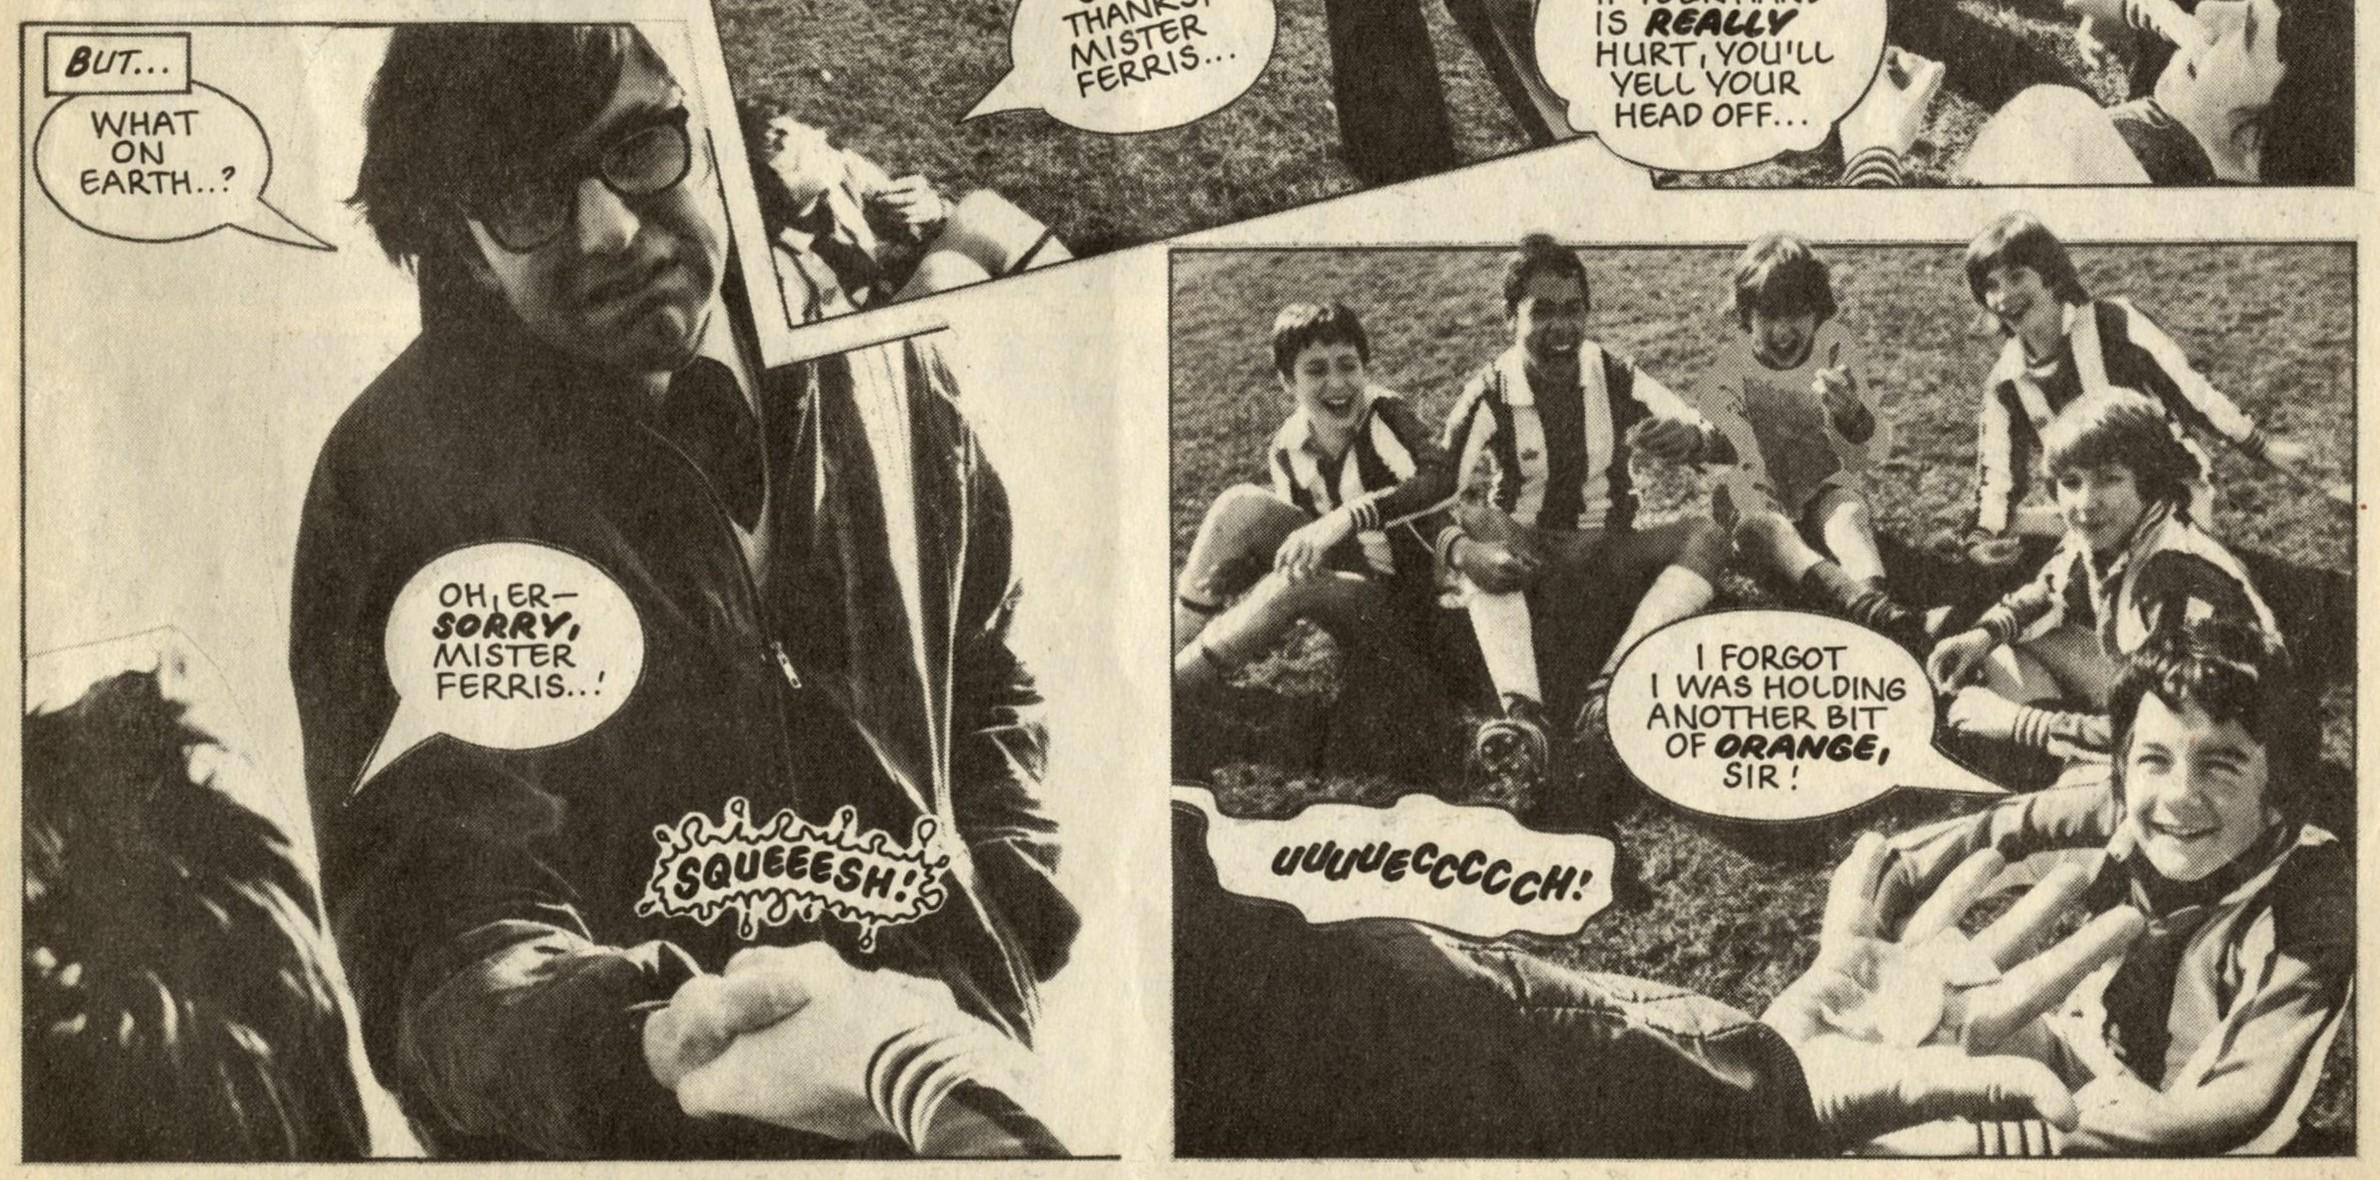 Thunderbolt and Smokey: Tom Tully (writer), John Powell (photographer)